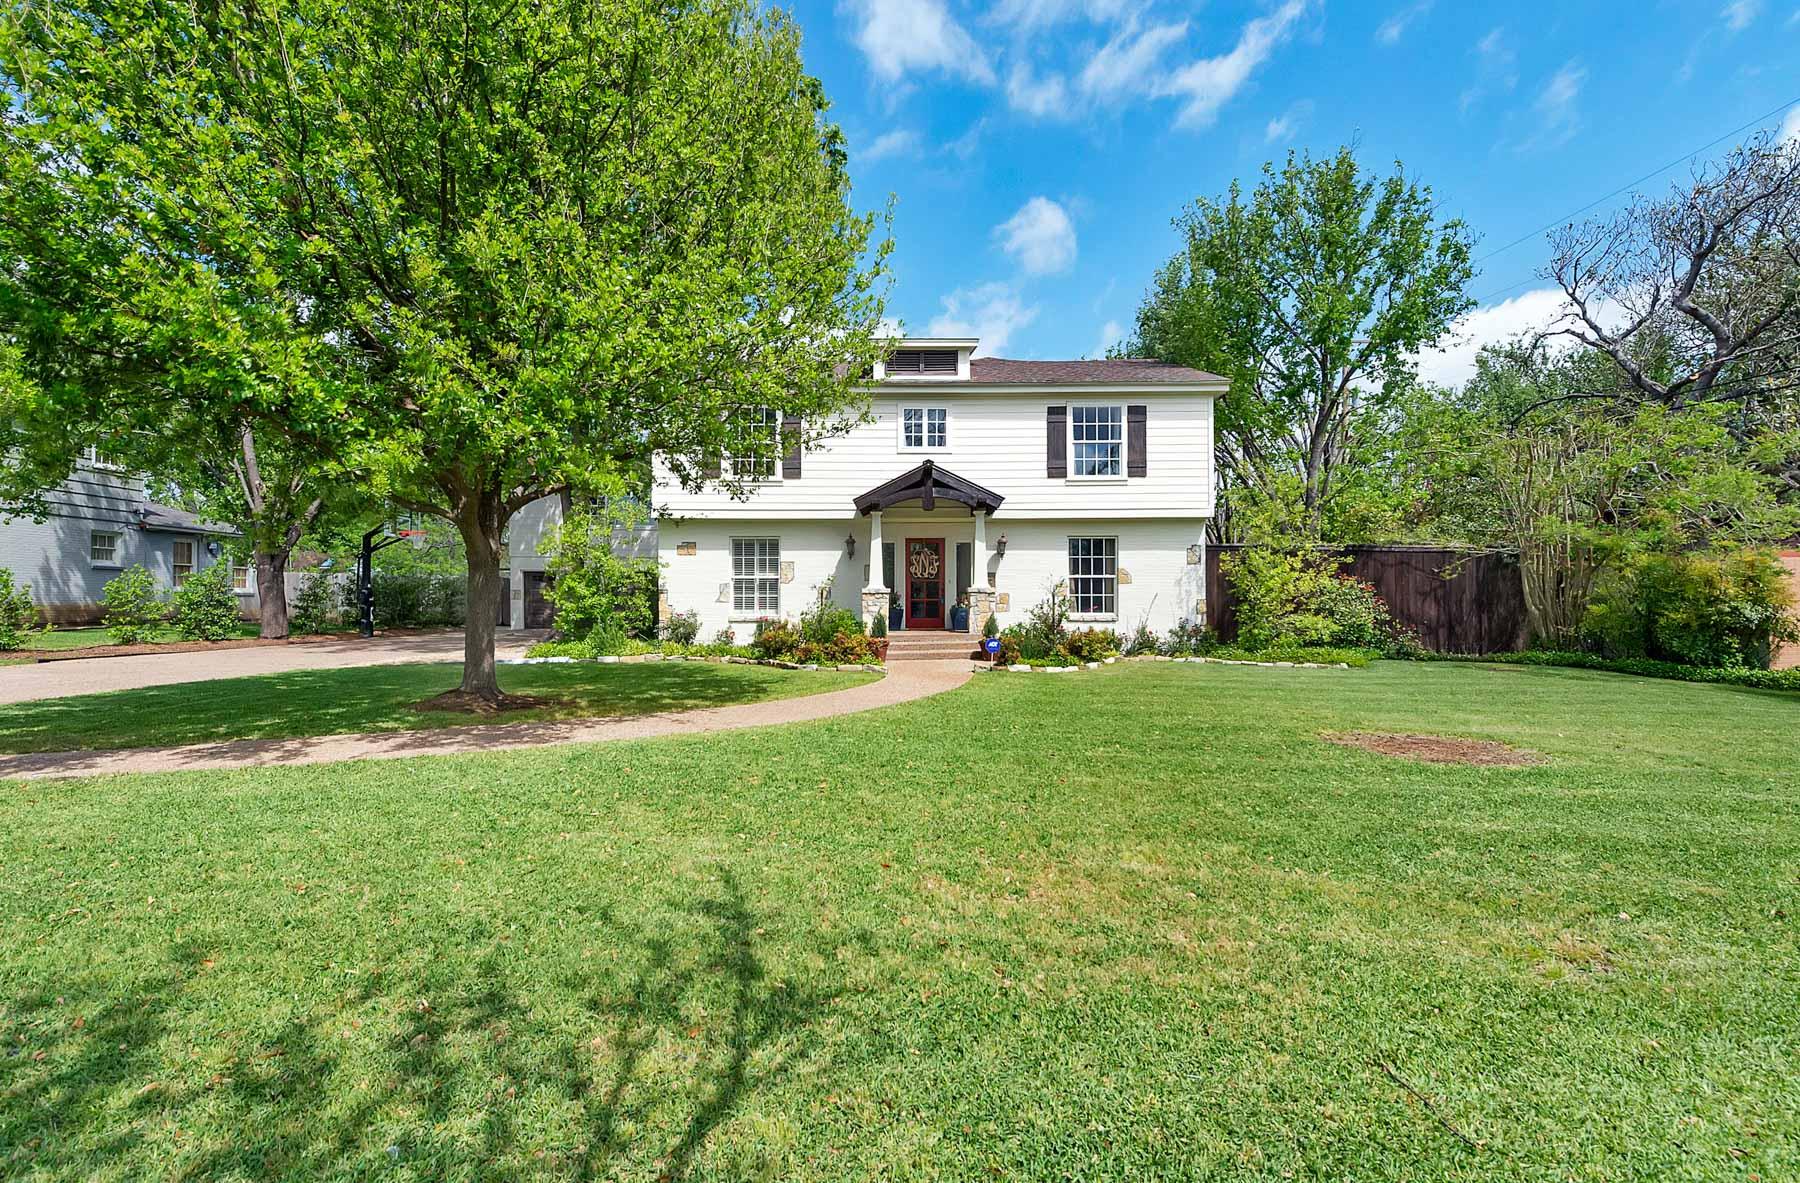 Villa per Vendita alle ore Colonial, Traditional, Ridglea 6304 Greenway Road Fort Worth, Texas, 76116 Stati Uniti